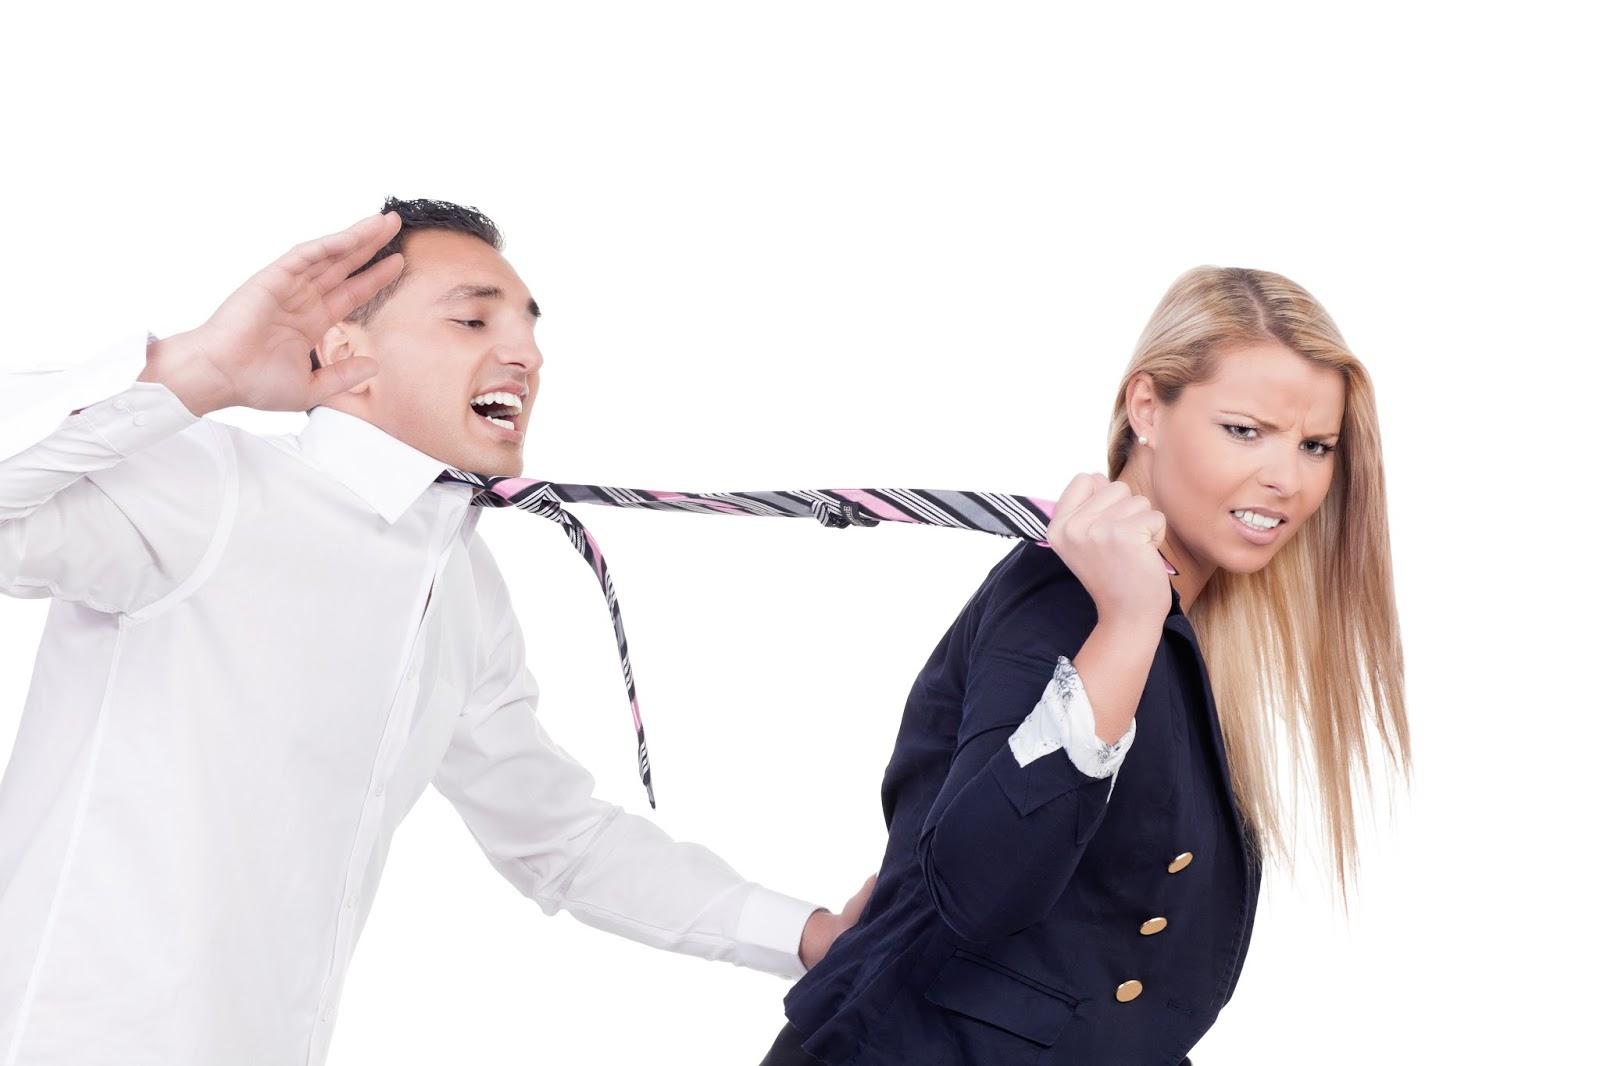 Почему истерит женщина?